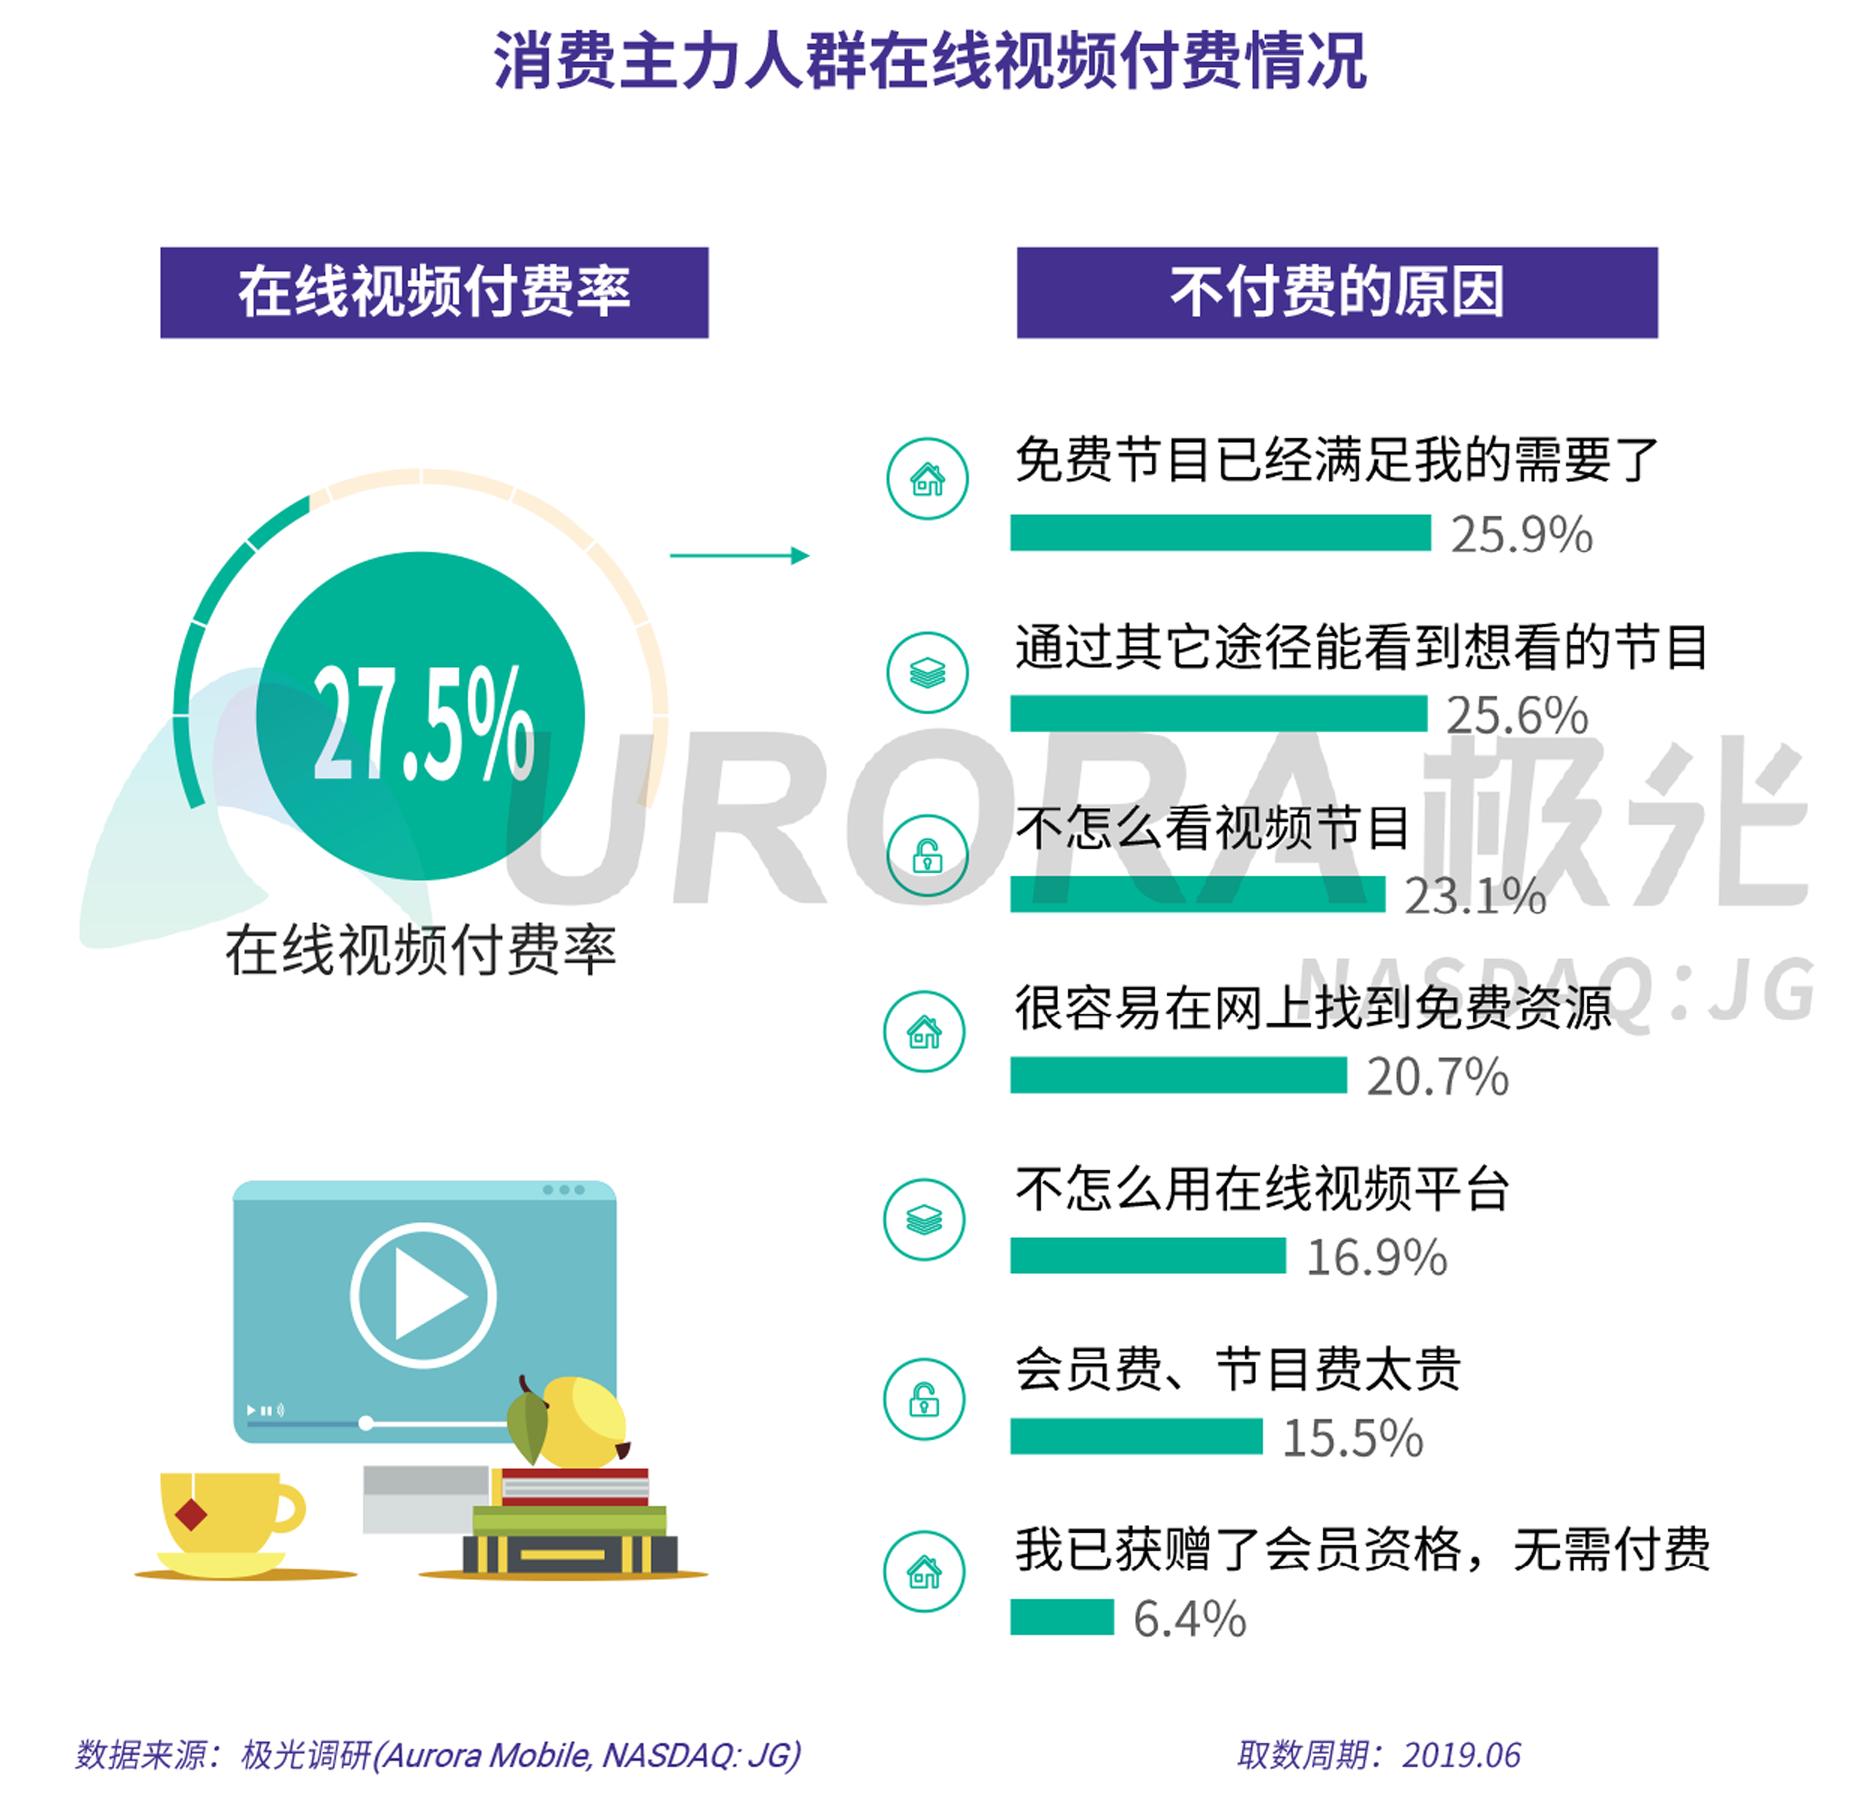 2019年消费主力人群虚拟产品付费研究报告-V5-10.png